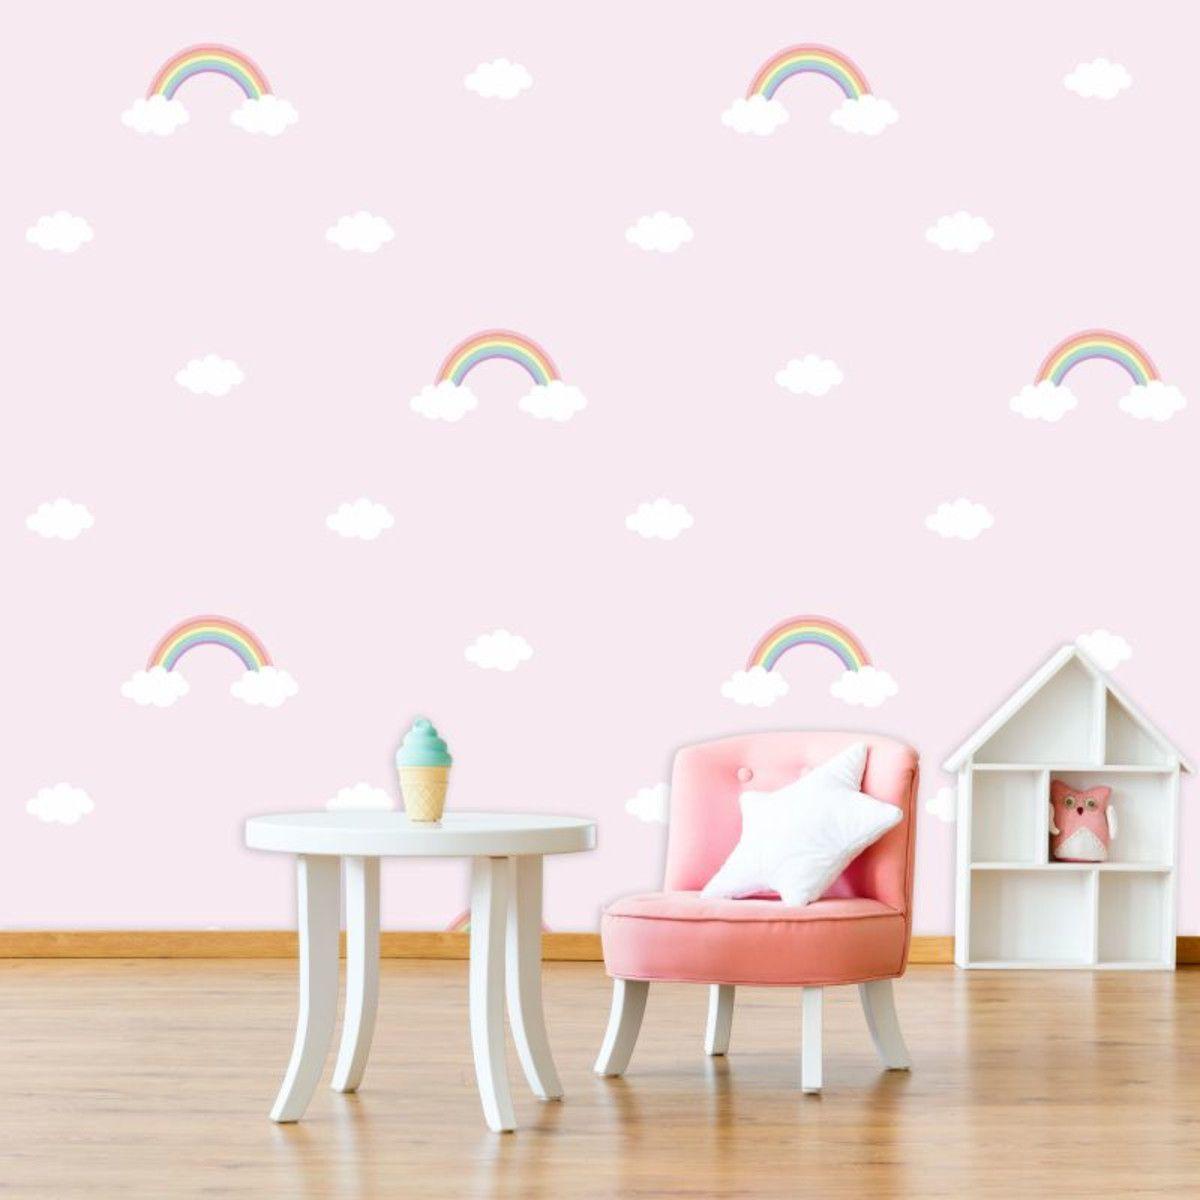 Papel de parede Adesivo Infantil  – PL0001  - Papel de parede - G3decora